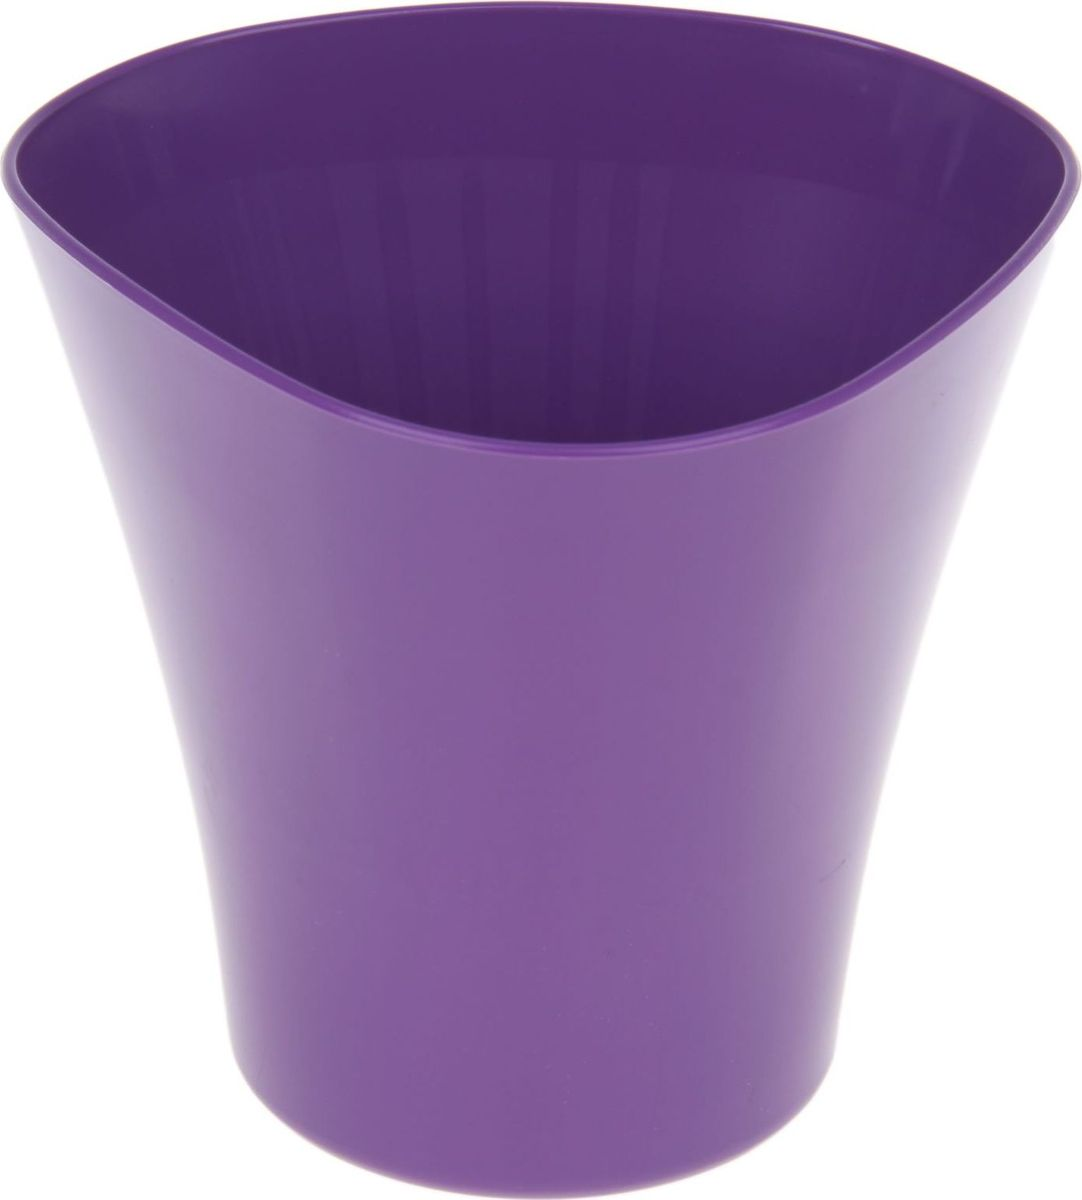 Кашпо JetPlast Волна, цвет: фиолетовый, 1,5 л531-101Кашпо Волна имеет уникальную форму, сочетающуюся как с классическим, так и с современным дизайном интерьера. Оно изготовлено из прочного полипропилена (пластика) и предназначено для выращивания растений, цветов и трав в домашних условиях. Такое кашпо порадует вас функциональностью, а благодаря лаконичному дизайну впишется в любой интерьер помещения. Объем кашпо: 1,5 л.